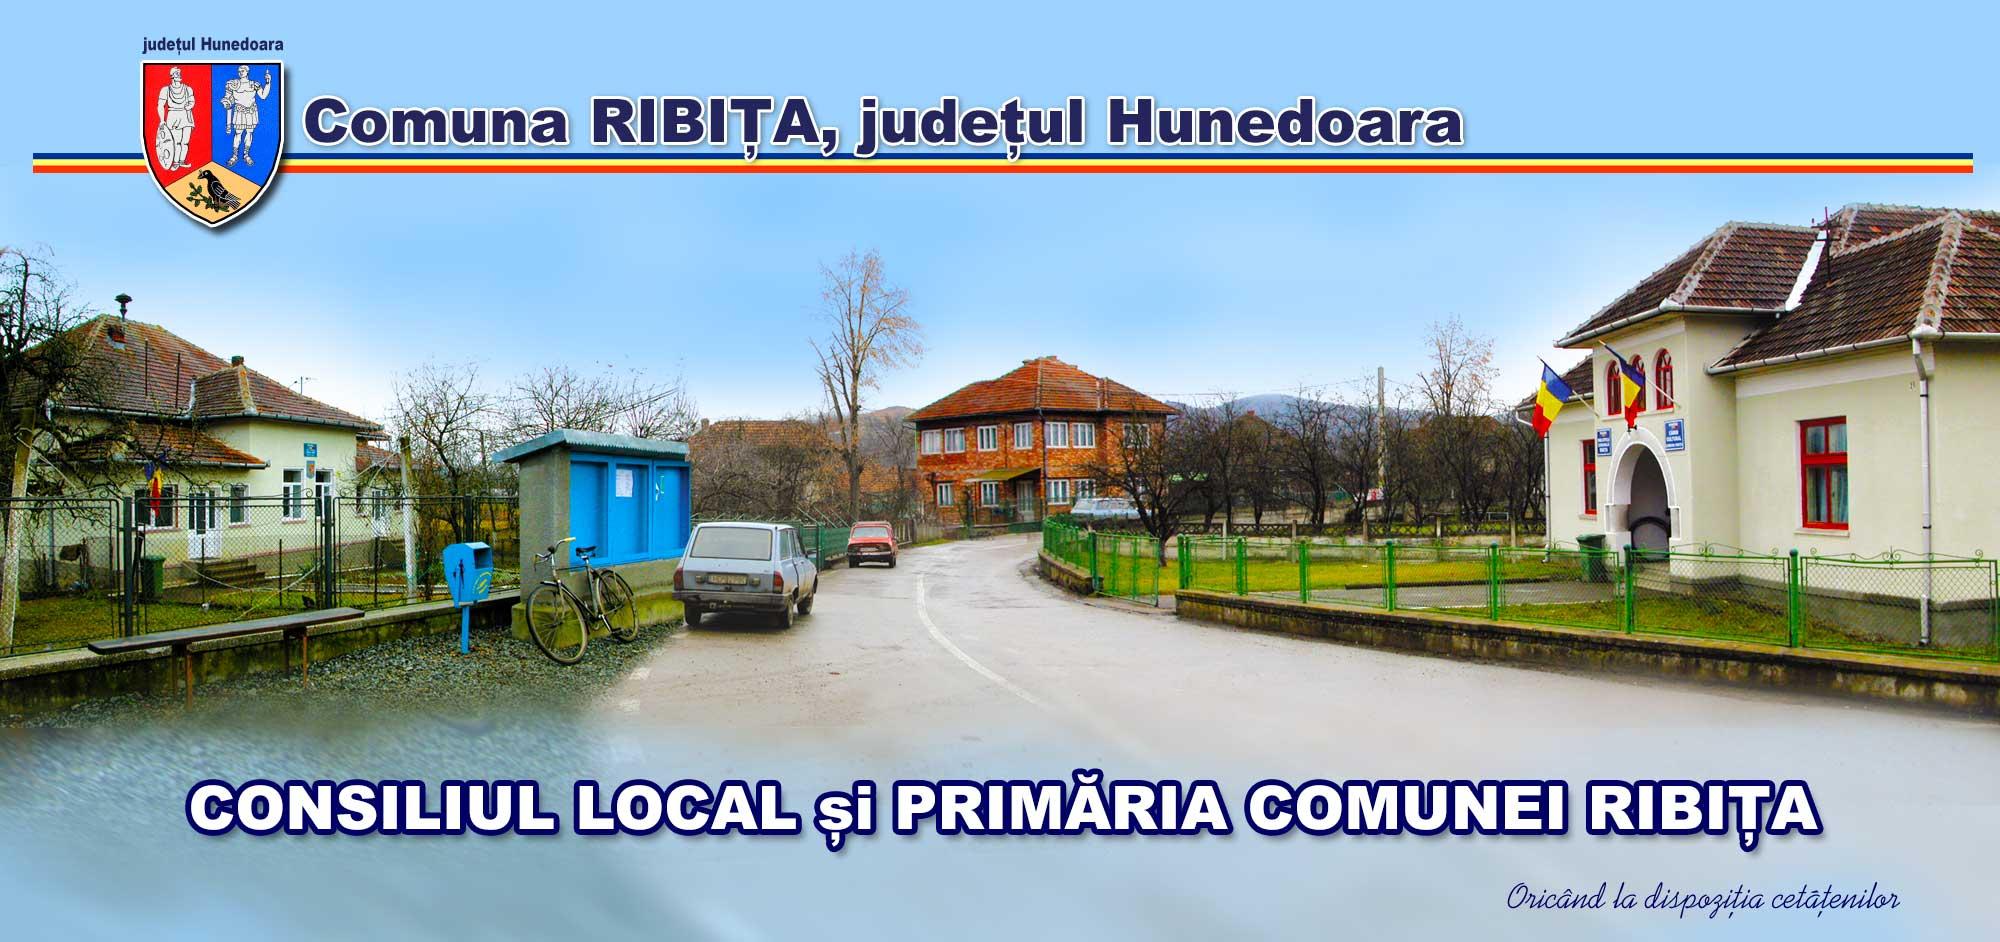 Consiliul Local și Primăria Comunei Ribița, jud. Hunedoara